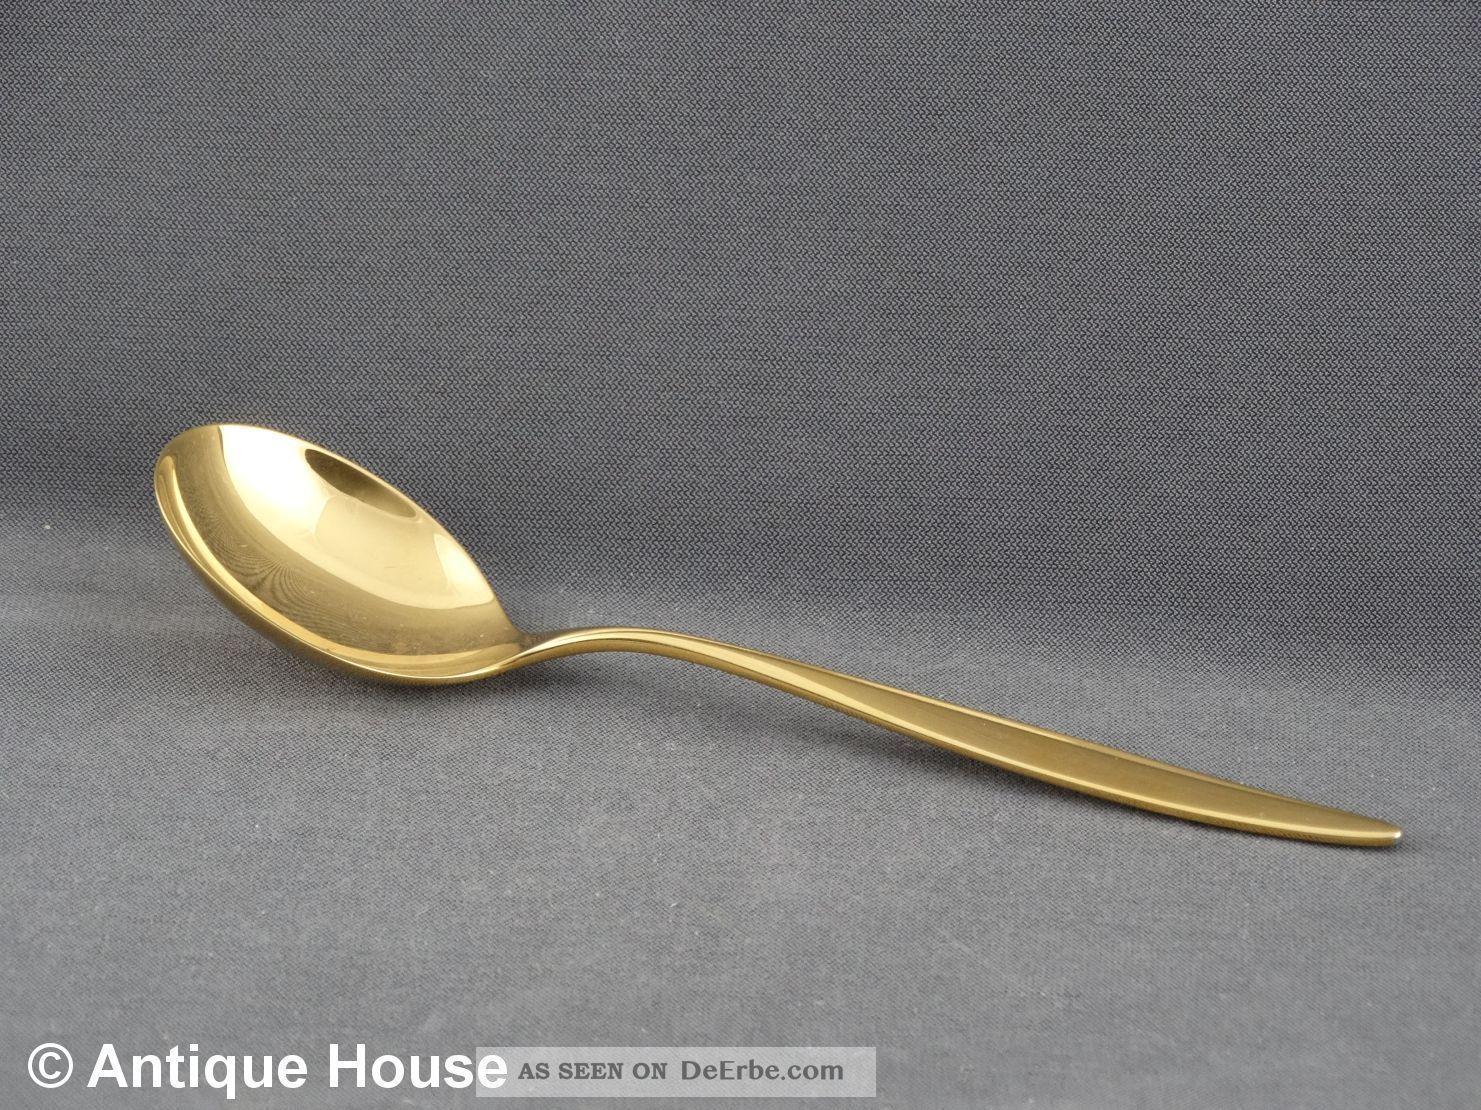 Wmf Besteck Kopenhagen Silber 800 Vergoldet Sahnelöffel Objekte nach 1945 Bild